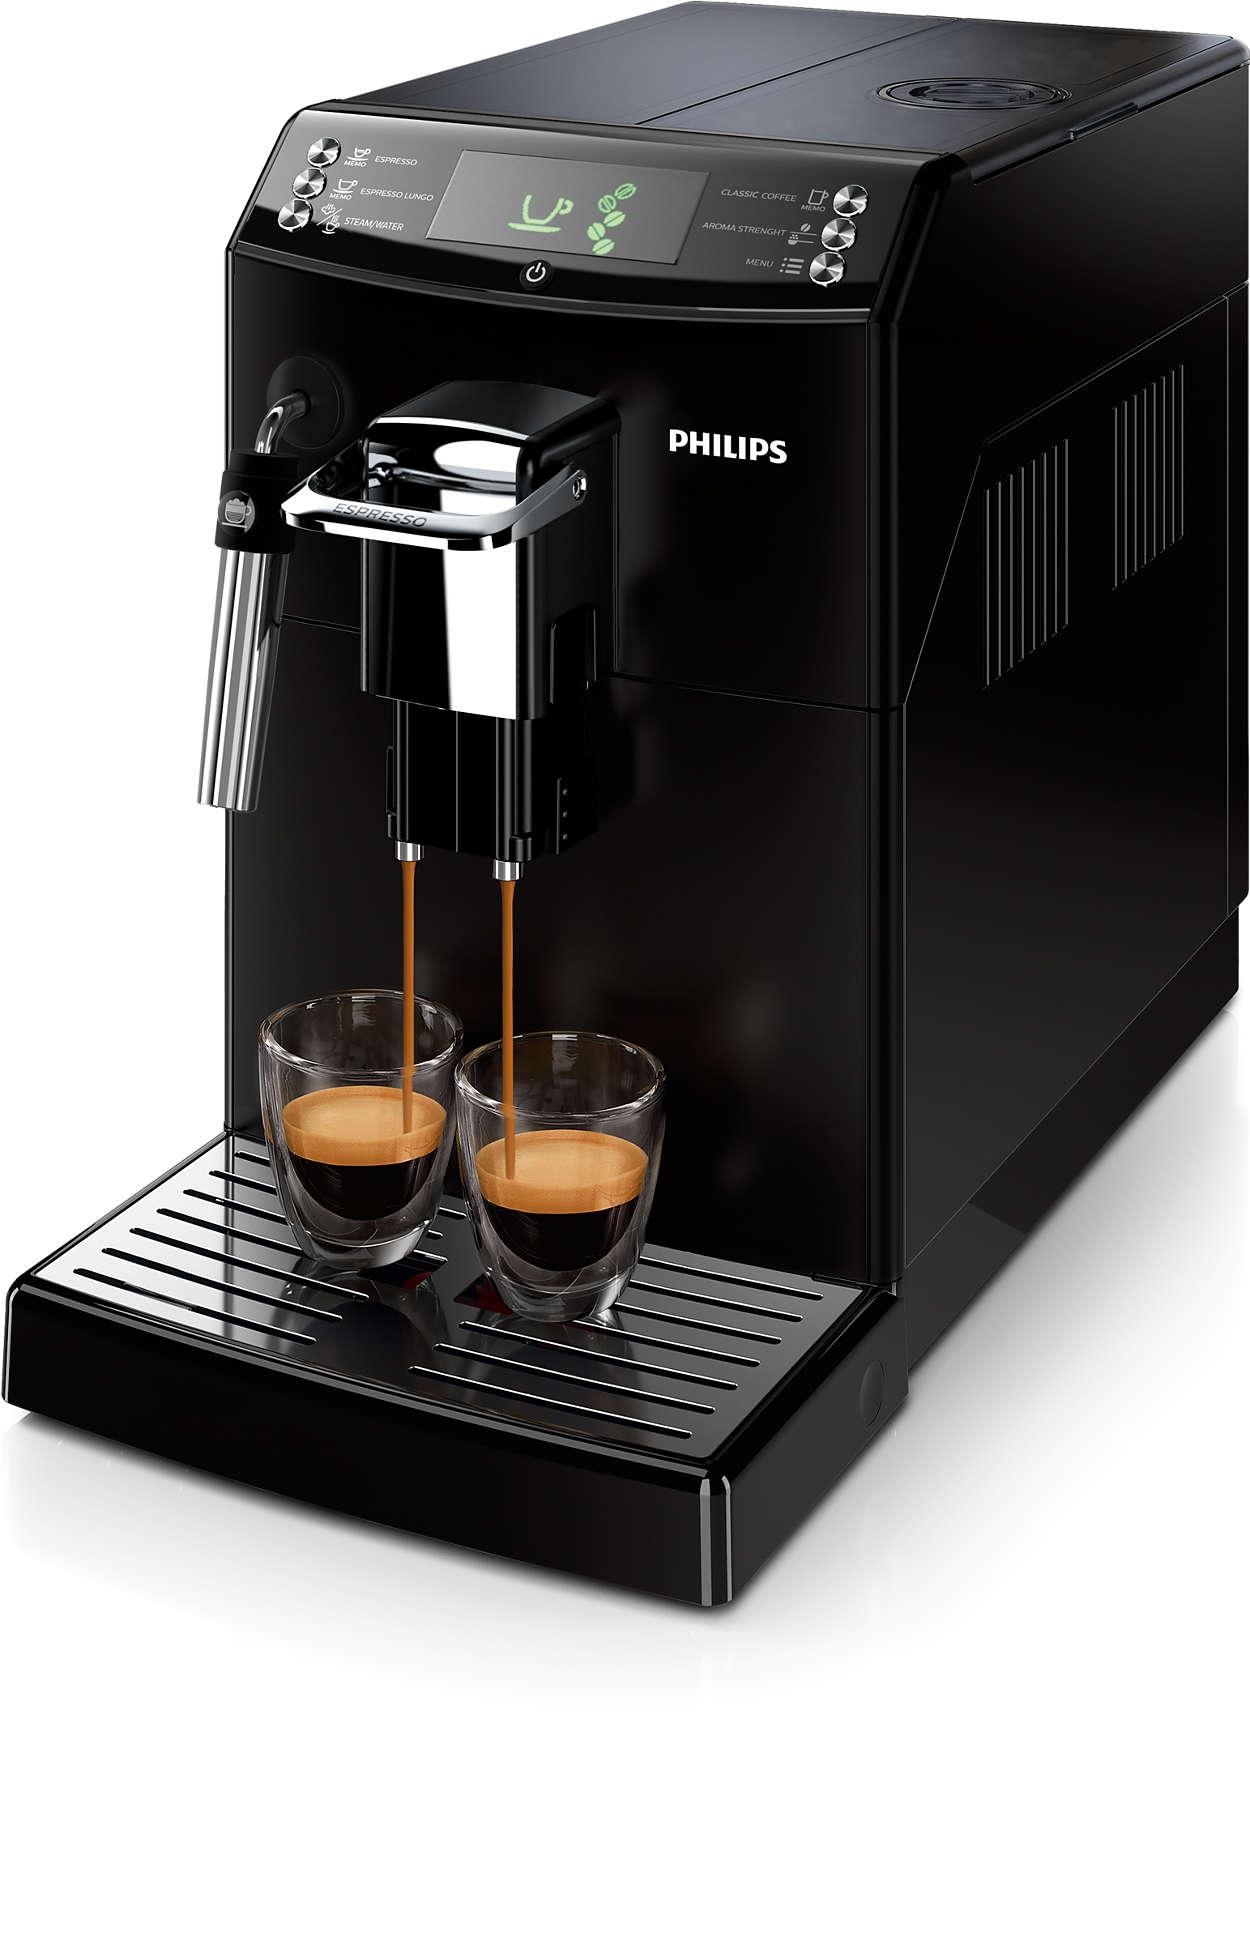 Ótimo café expresso ou o sabor do café de filtro